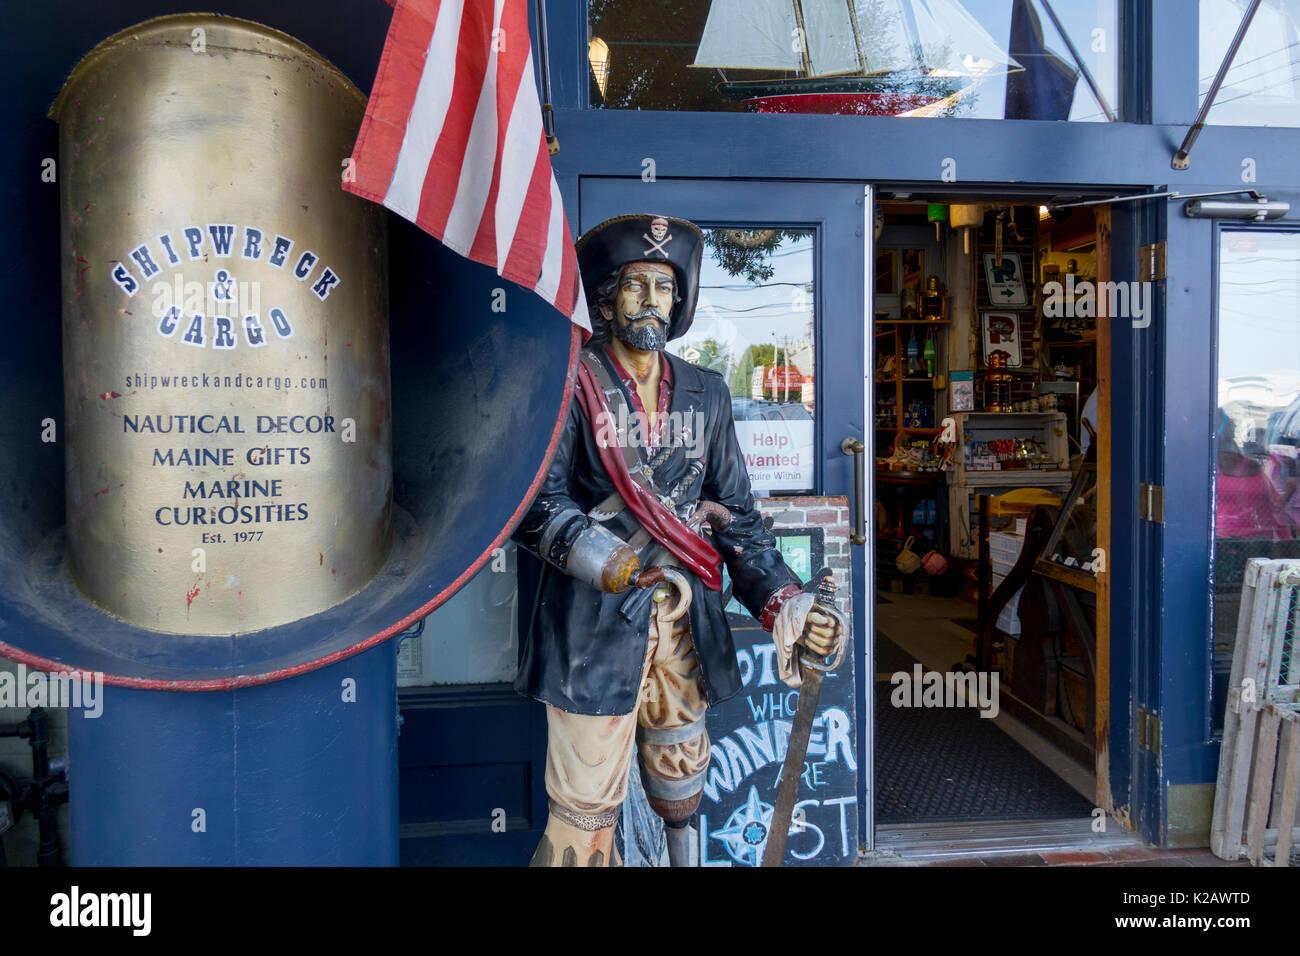 USA Maine ME Portland Old Port Wharf Street The Shipwreck